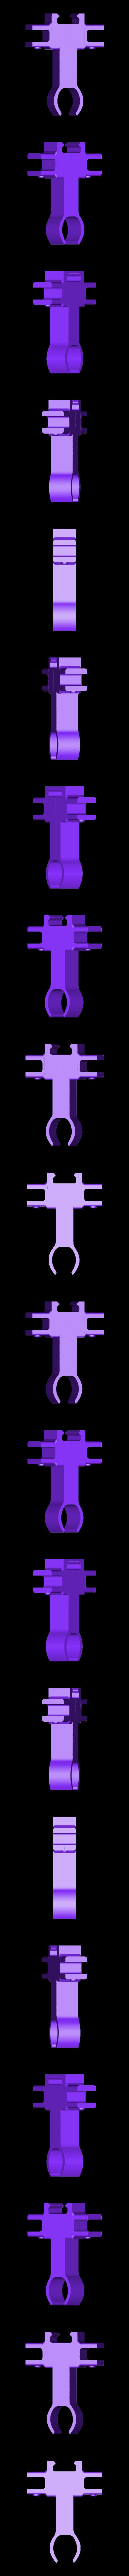 socket_3-8_TwoSided_-_Tool_Support.stl Télécharger fichier STL gratuit Organiseur de prises avec rail, double • Objet pour impression 3D, danielscatigno